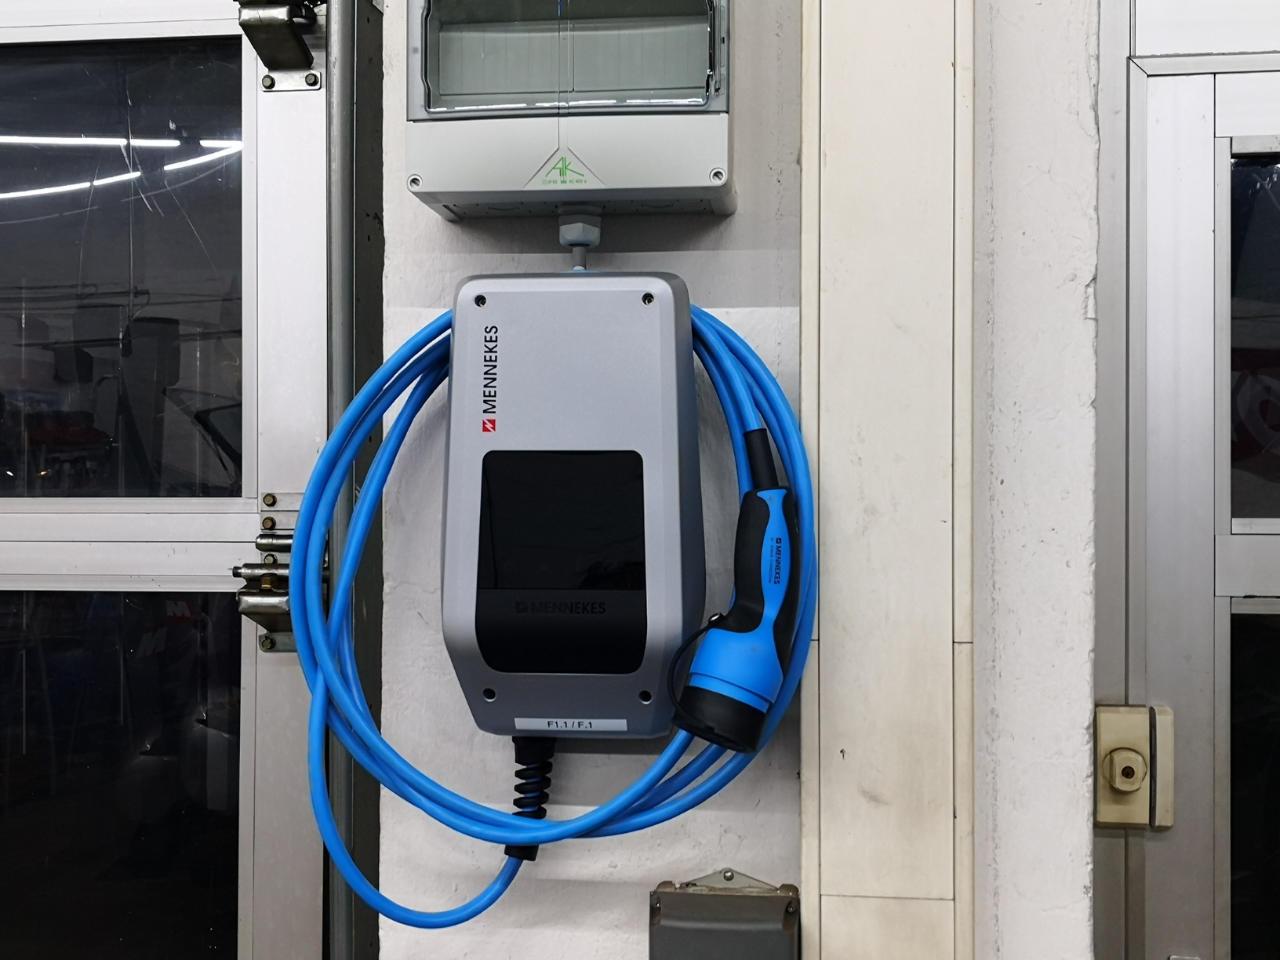 Wallbox für E-Smarts (EQ/Electric Drive) - Ladestation für unsere Kunden mit E-Smart